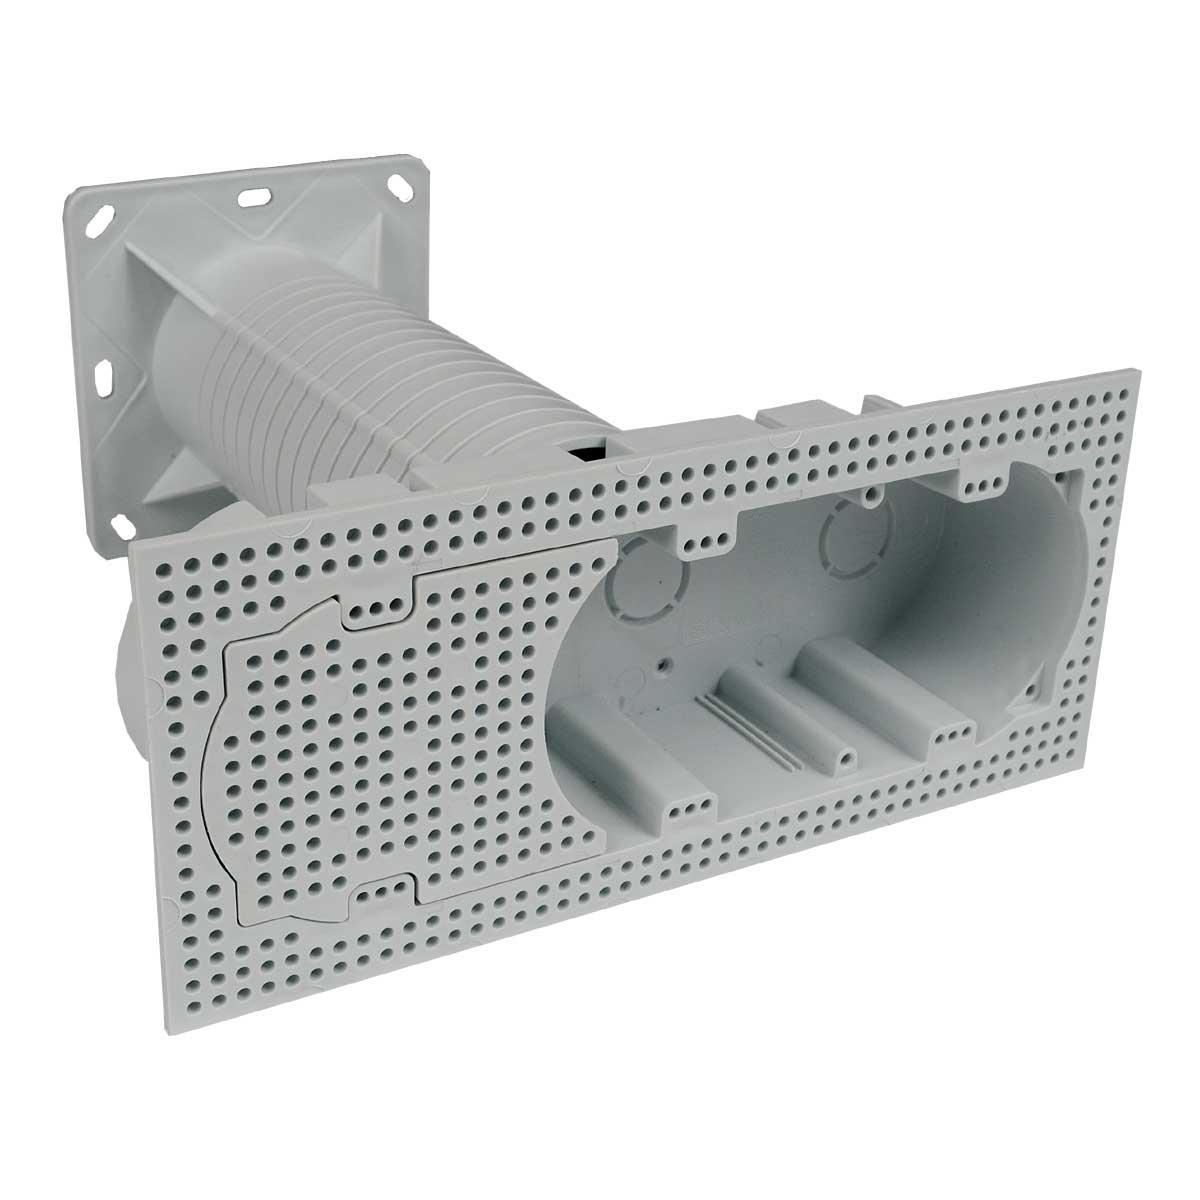 Коробка подовжена приладова (використовується при термоізоляції будівель) матеріал -ПП; розміри 100х230х250мм